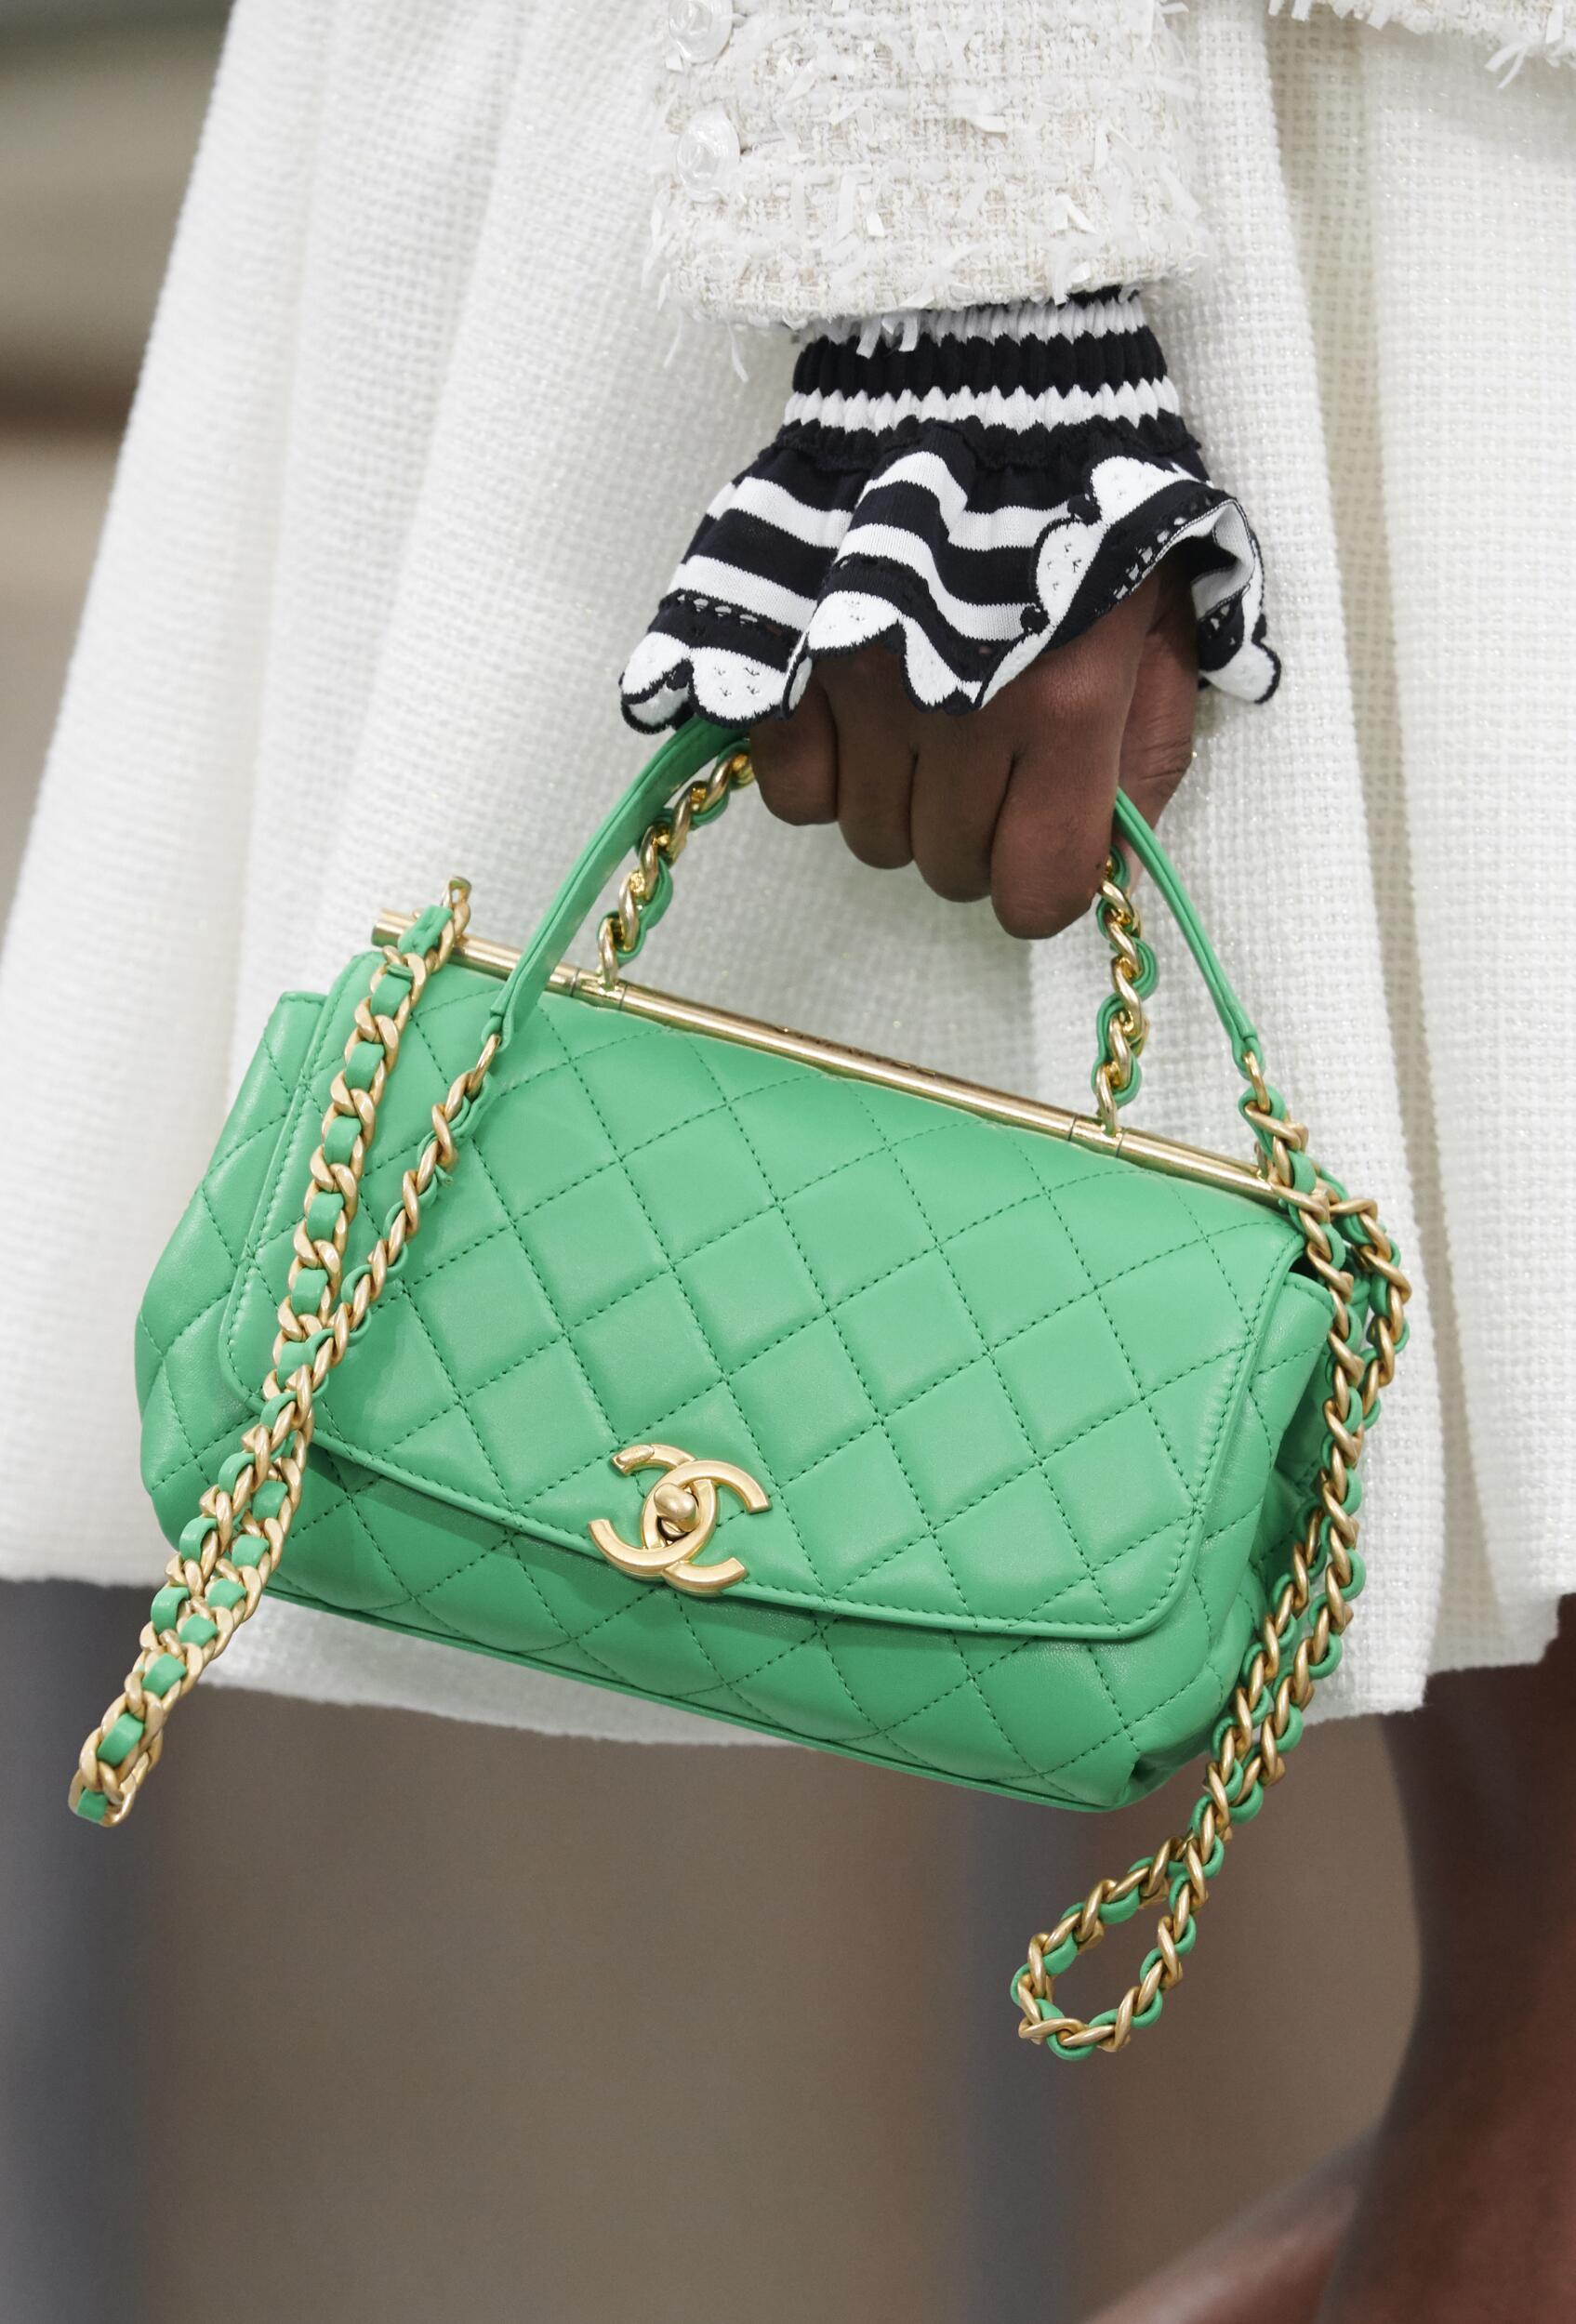 Chanel Woman Bag